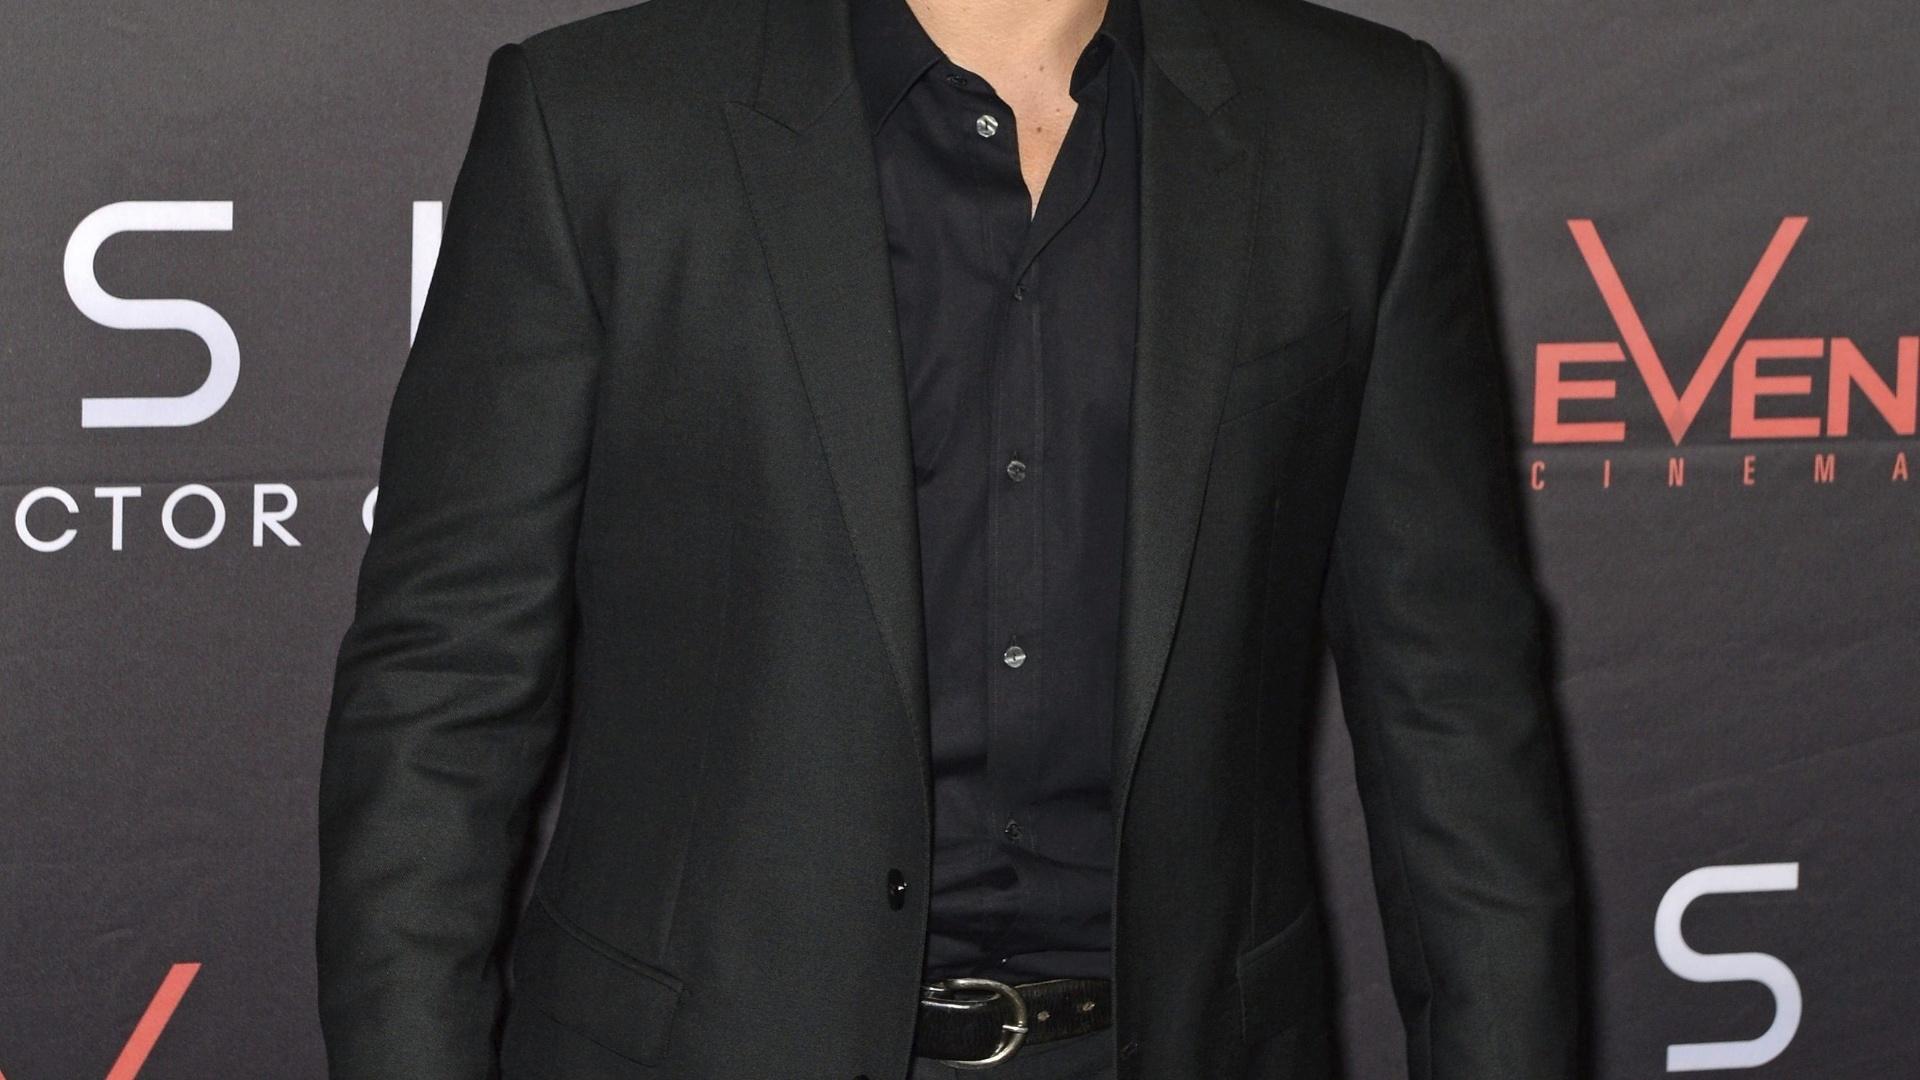 12.ago.2013 - O ator Matt Damon, protagonista de